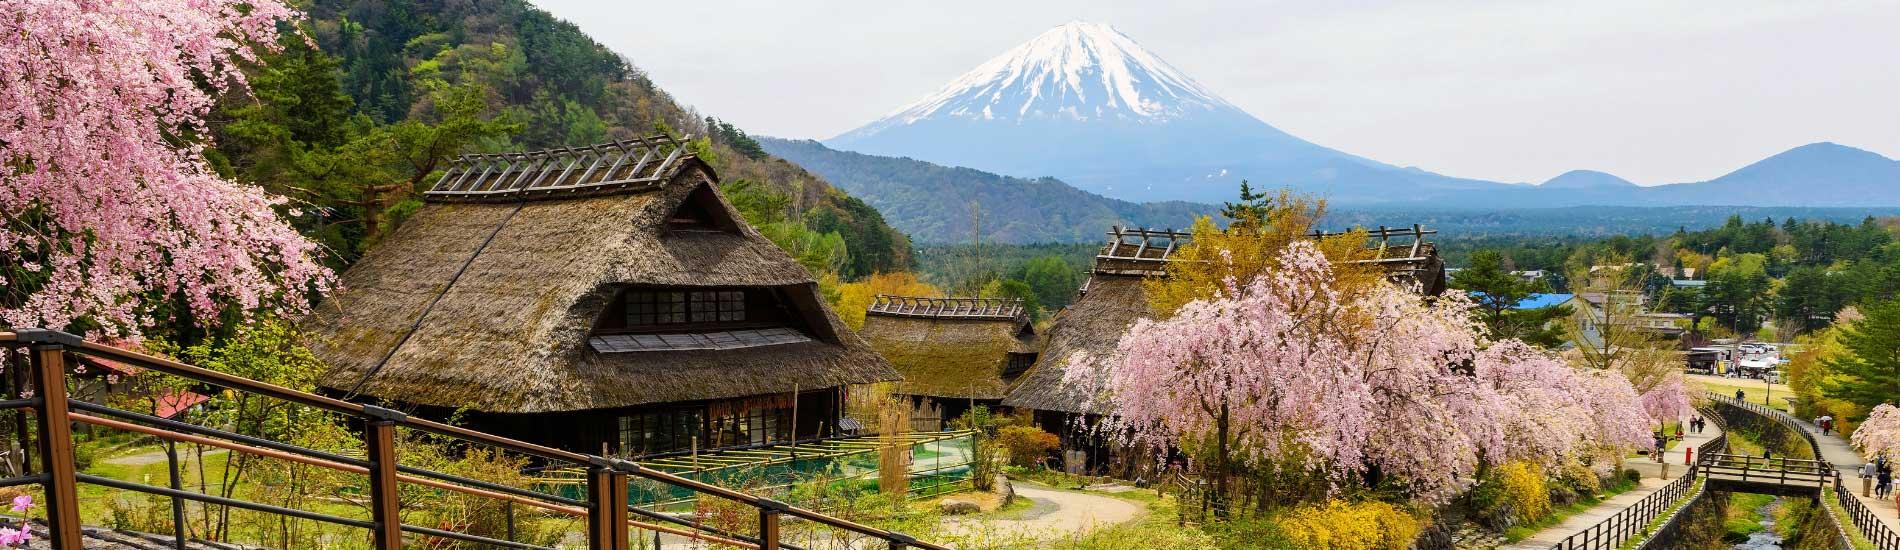 Iyashi No Sato Healing Village